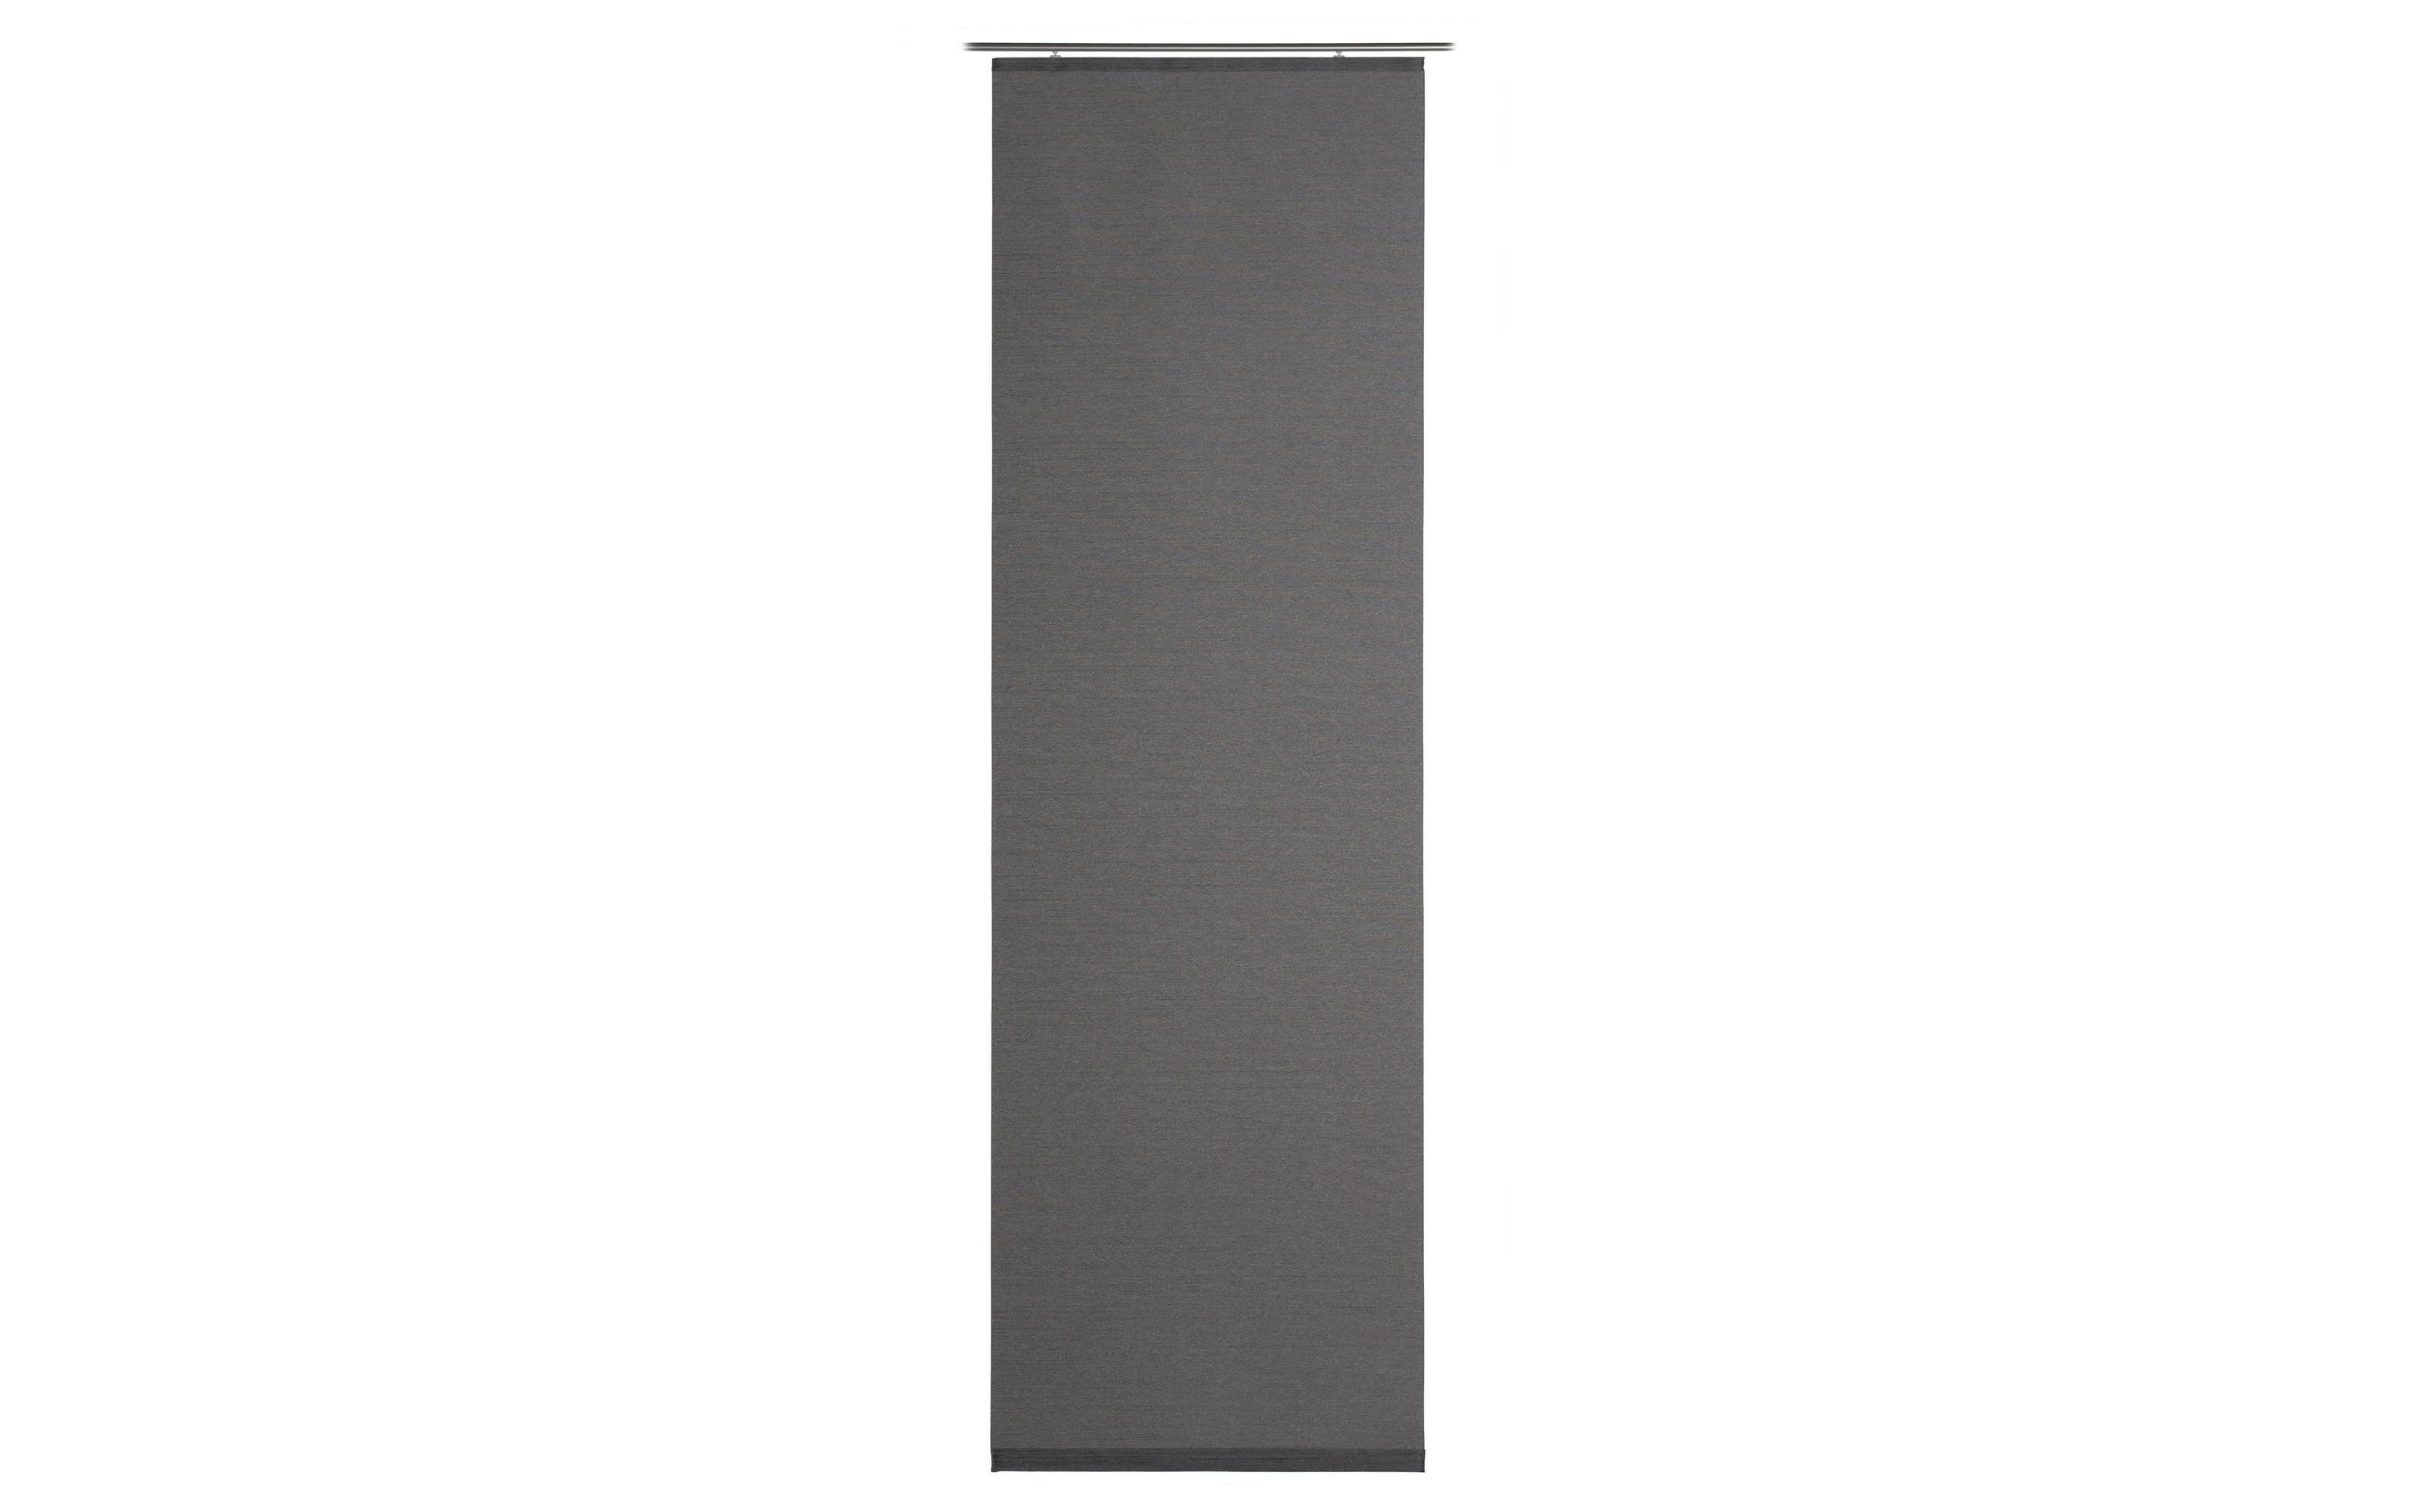 Schiebevorhang Valegro in anthrazit, 60 x 245 cm